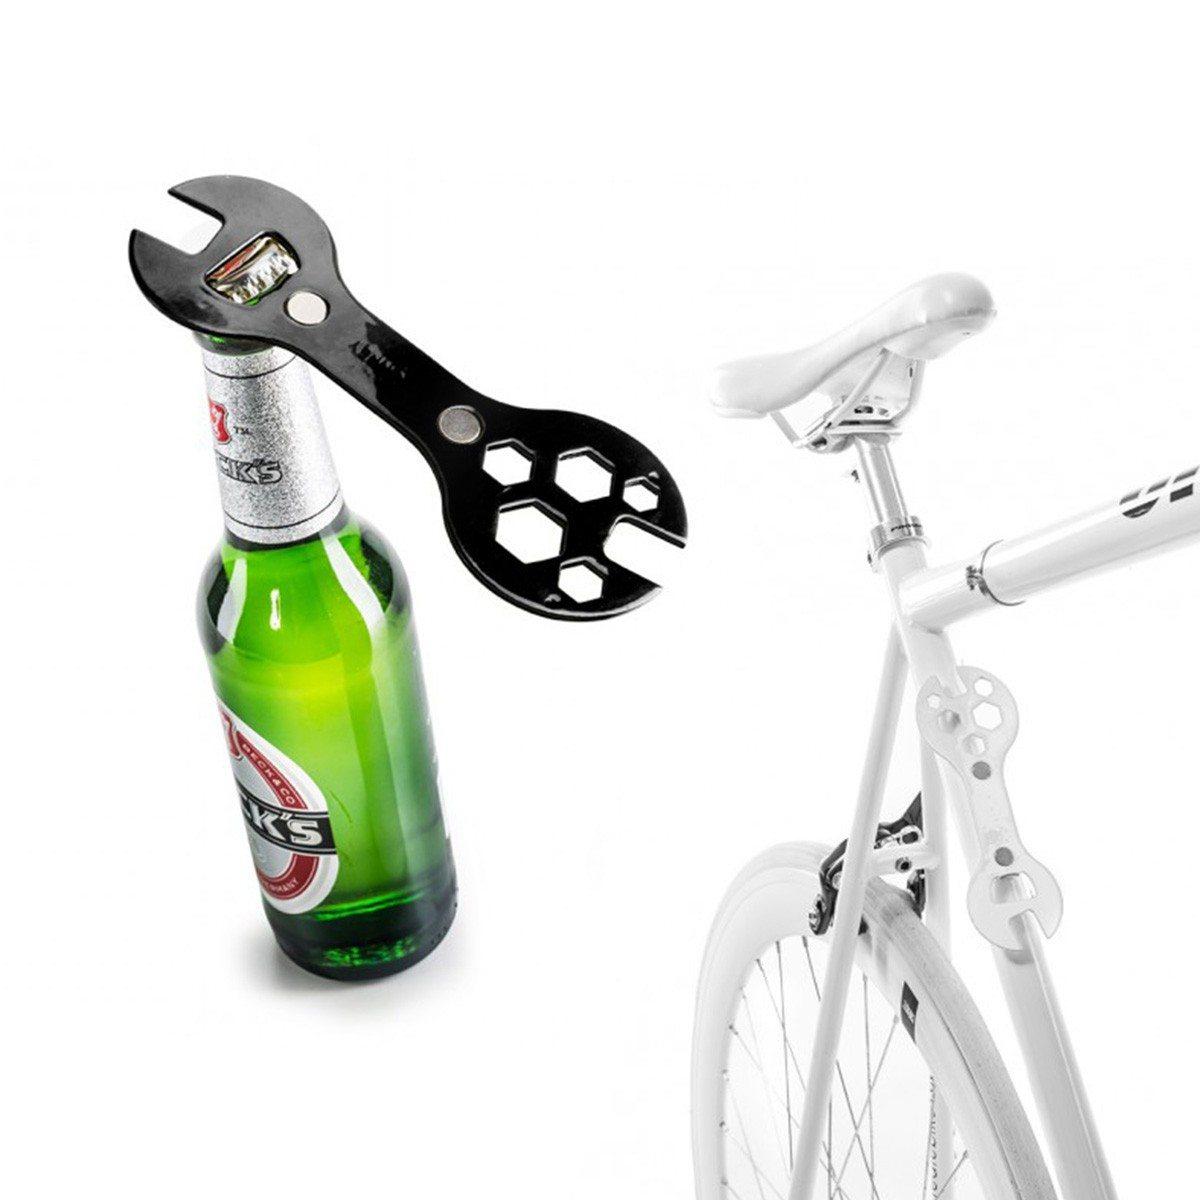 2in1: Fahrradschlüssel & Flaschenöffner